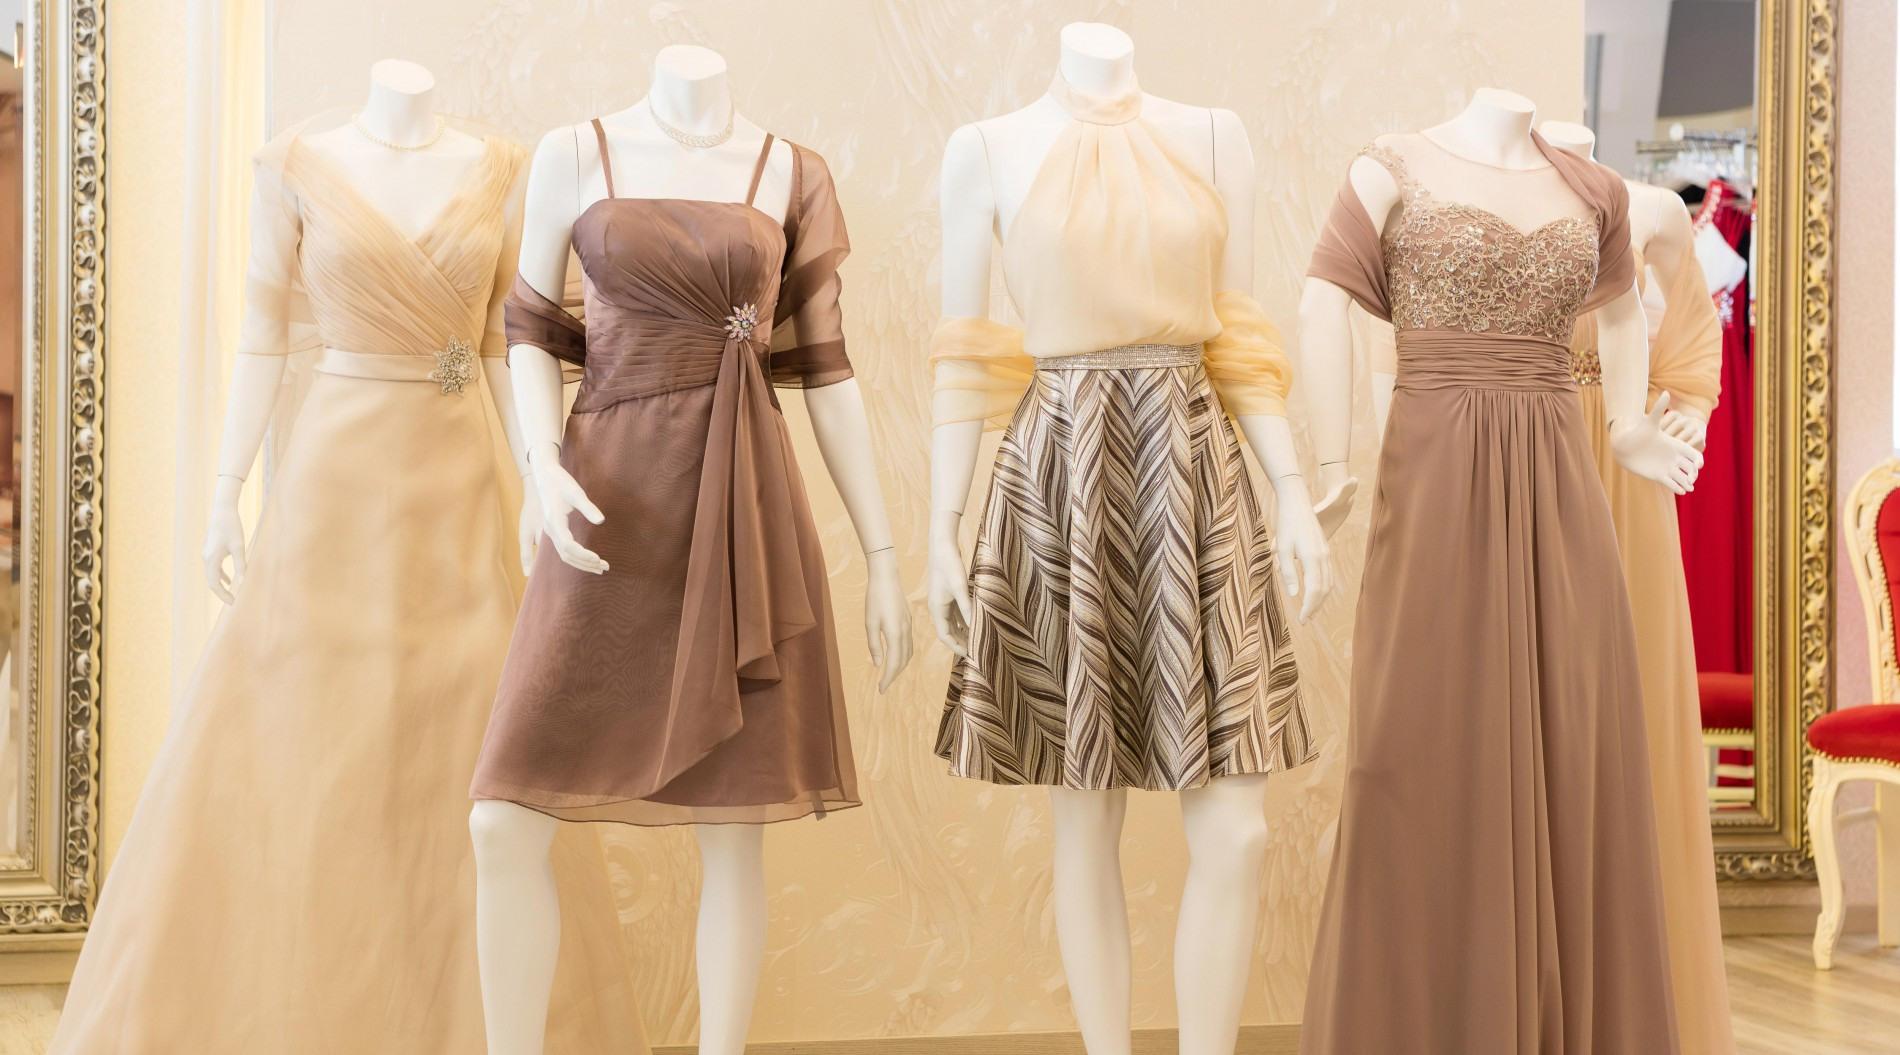 10 Genial Abendkleider Regensburg Boutique - Abendkleid